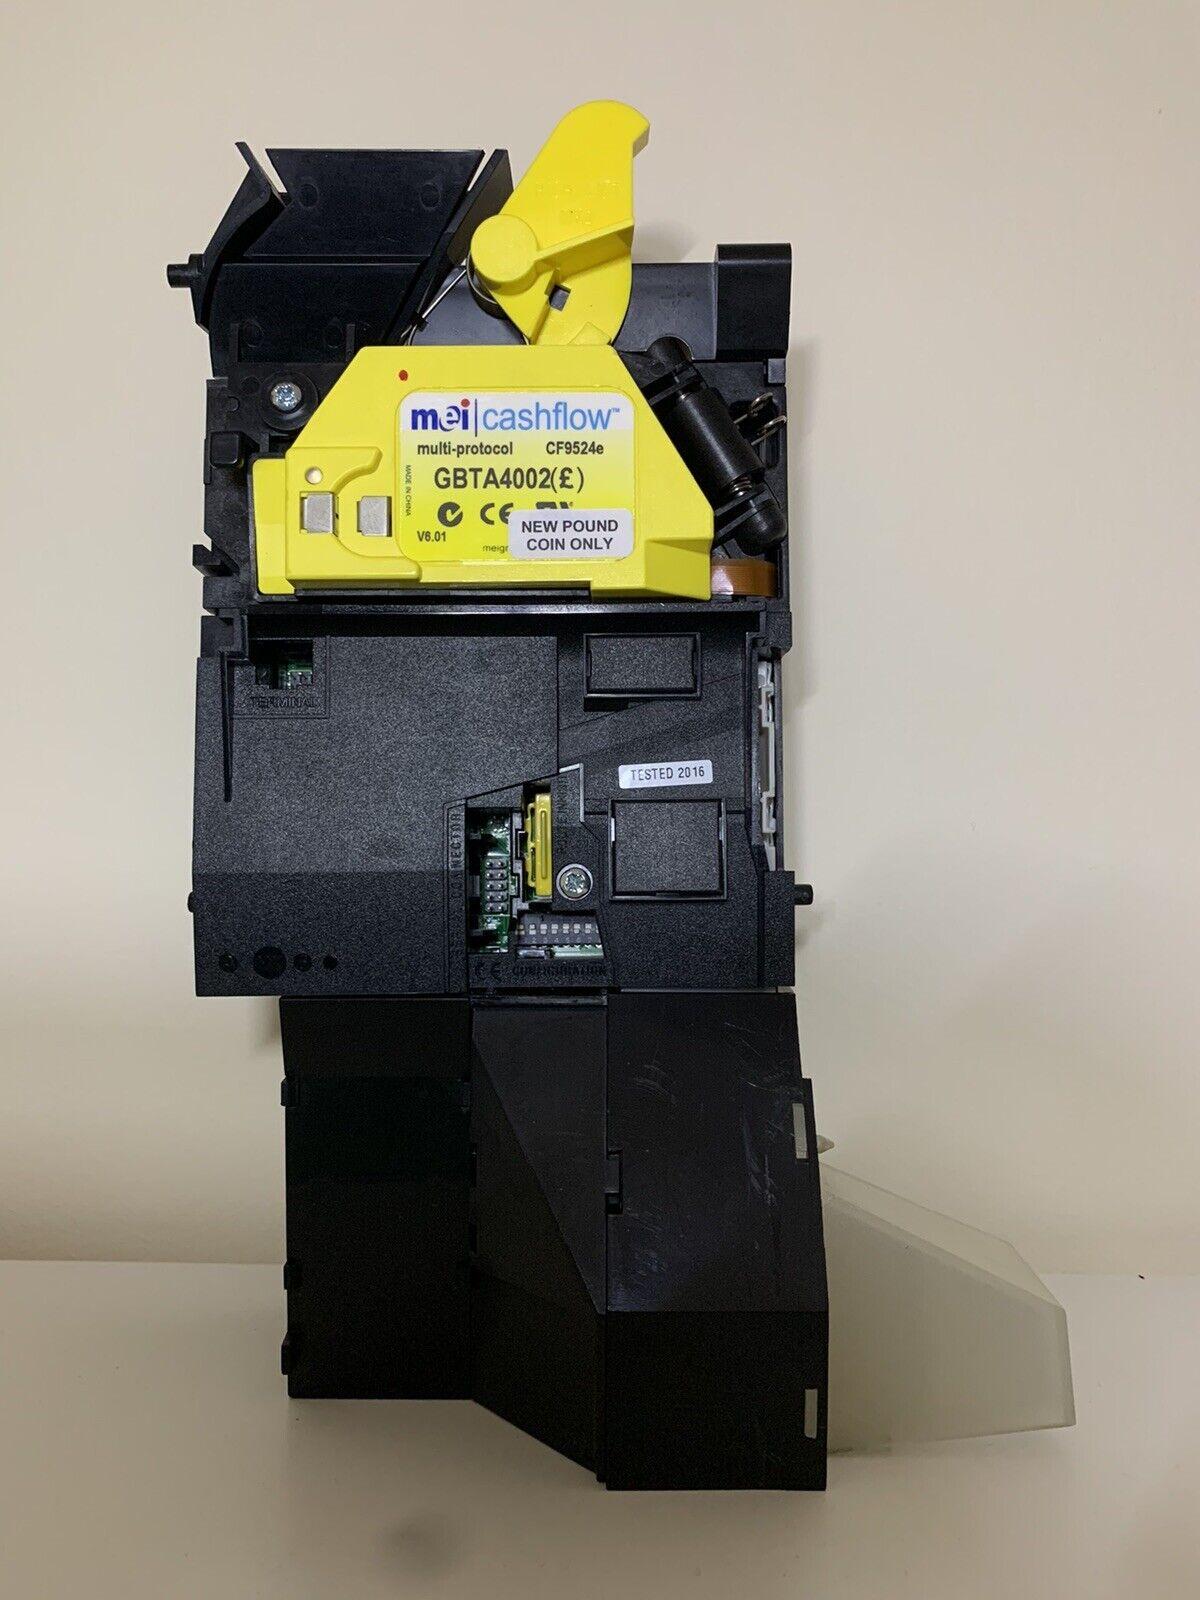 Mei DES Cashflow CF9524E Fruit Machine Coin Acceptor Mechanism Updated